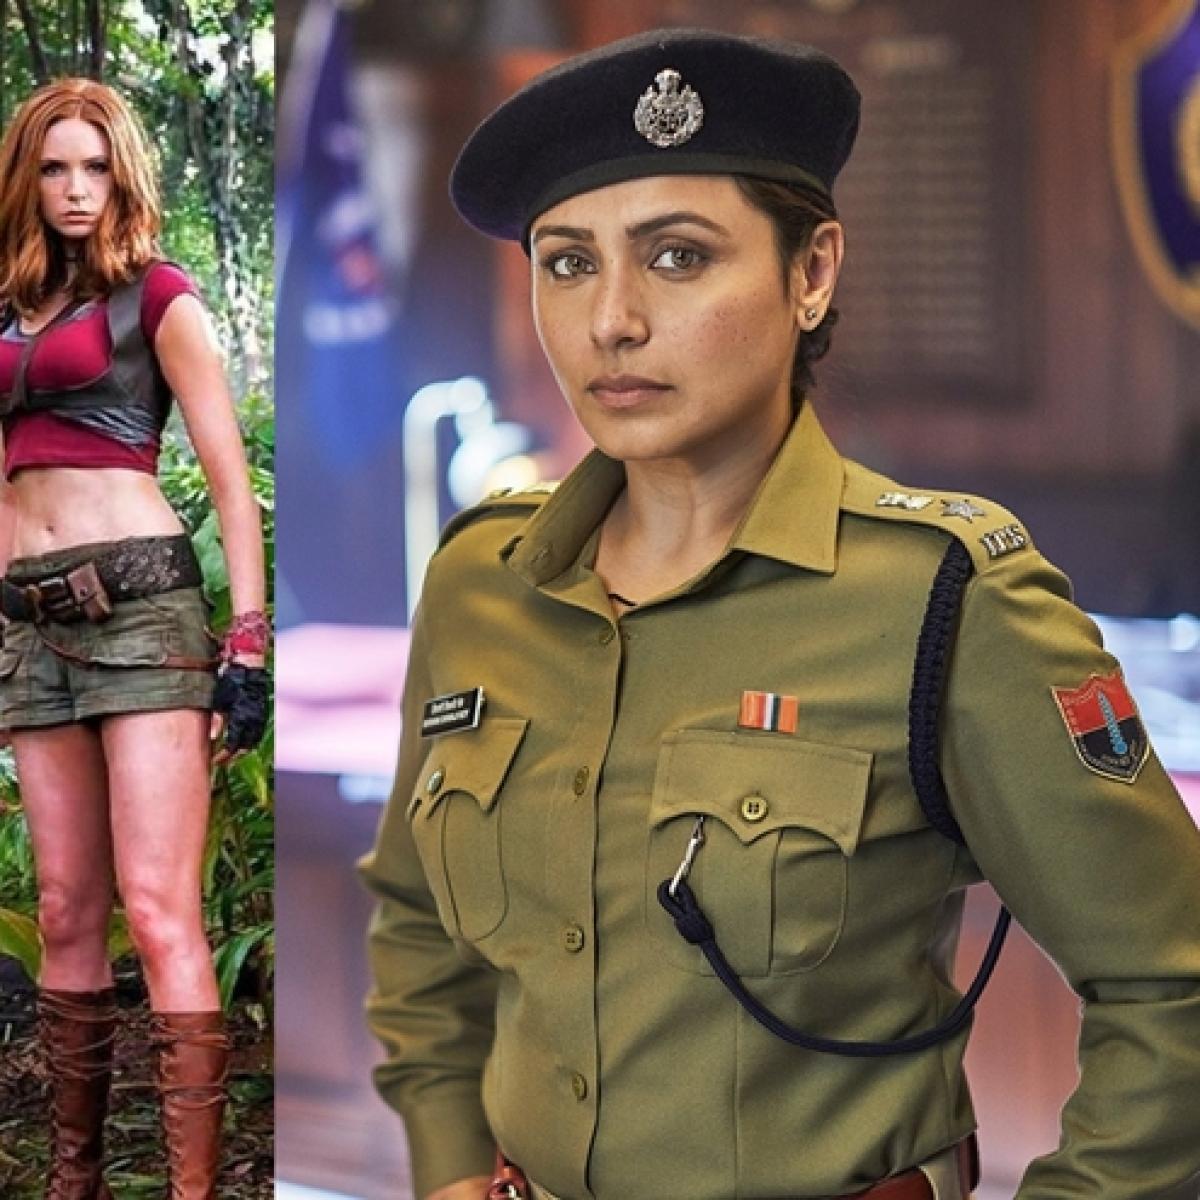 'Jumanji: The Next Level' beats Rani Mukerji's 'Mardaani 2' on Day 1 at Box Office